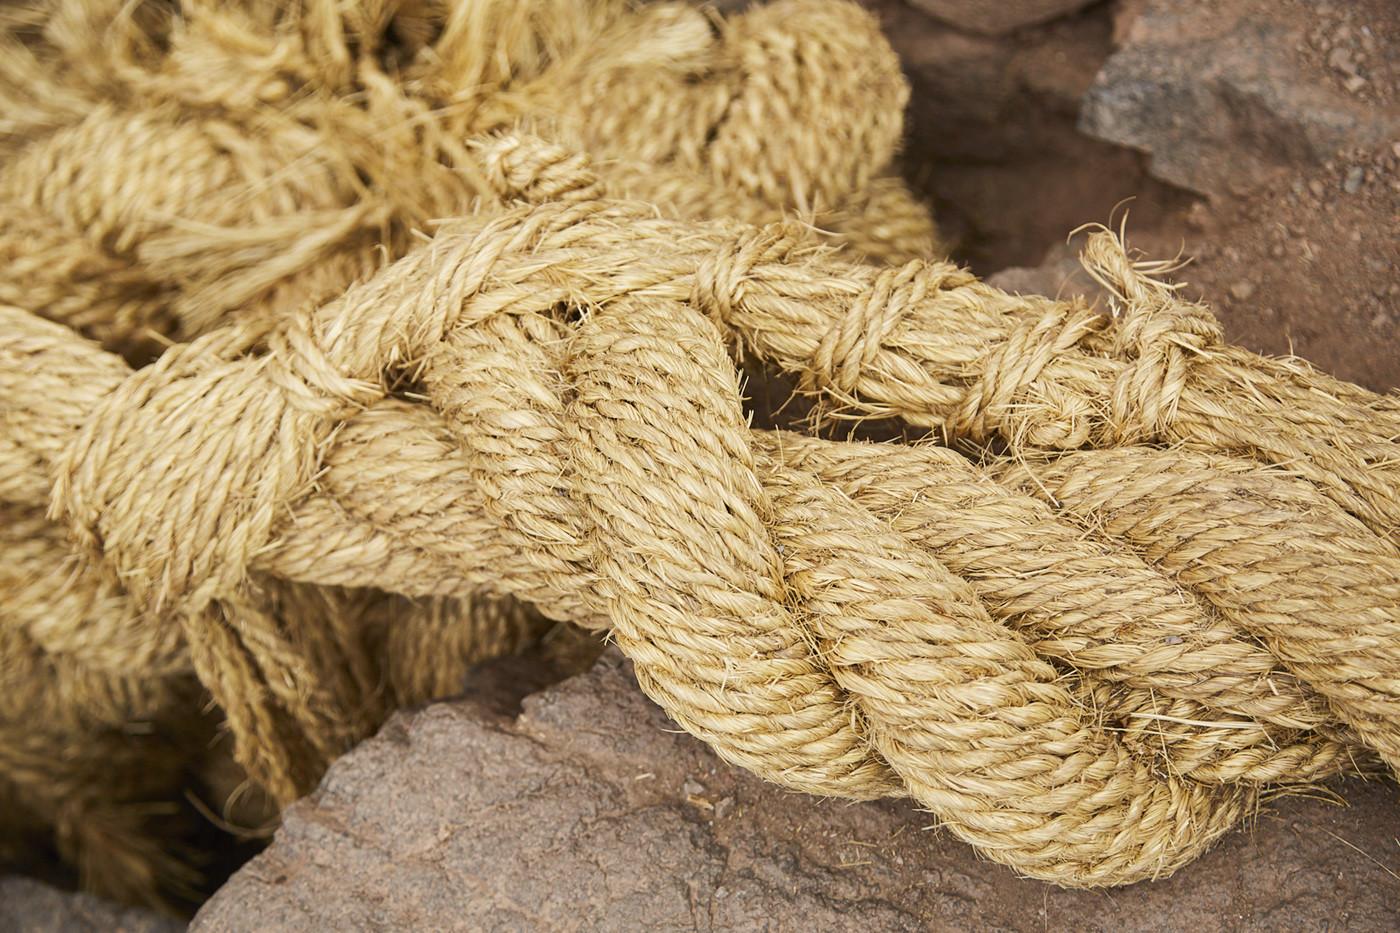 Geflochtenes Seil aus getrocknetem Gras bei der Rope Bridge in Peru